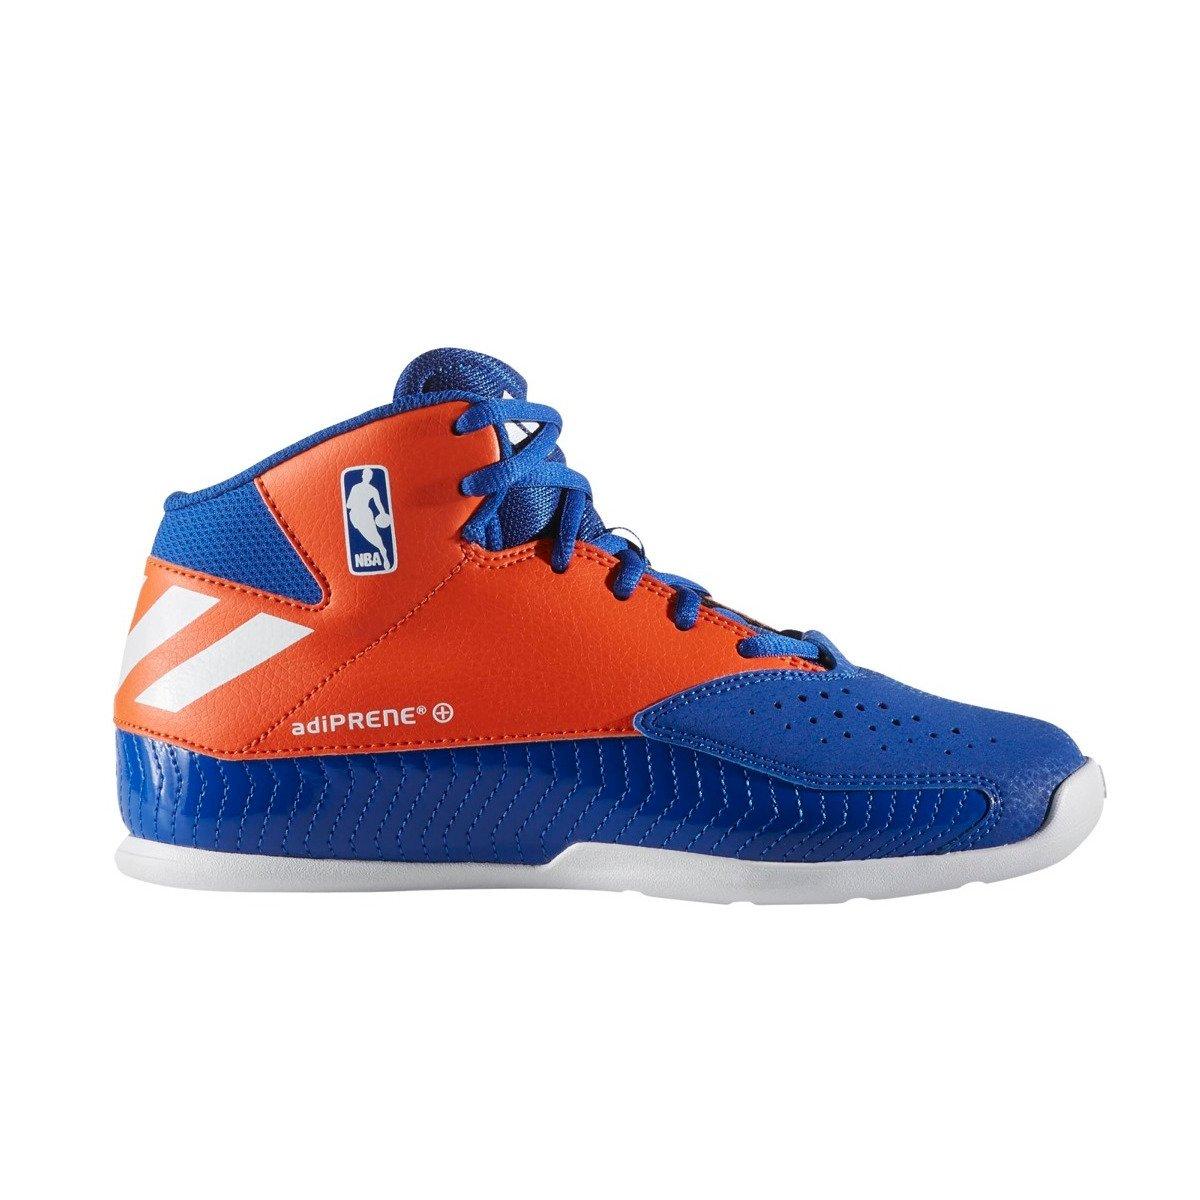 Adidas Next Level Speed 5 NBA Shoes - BW0501 czerwono-niebieski ... 7134d8e6e